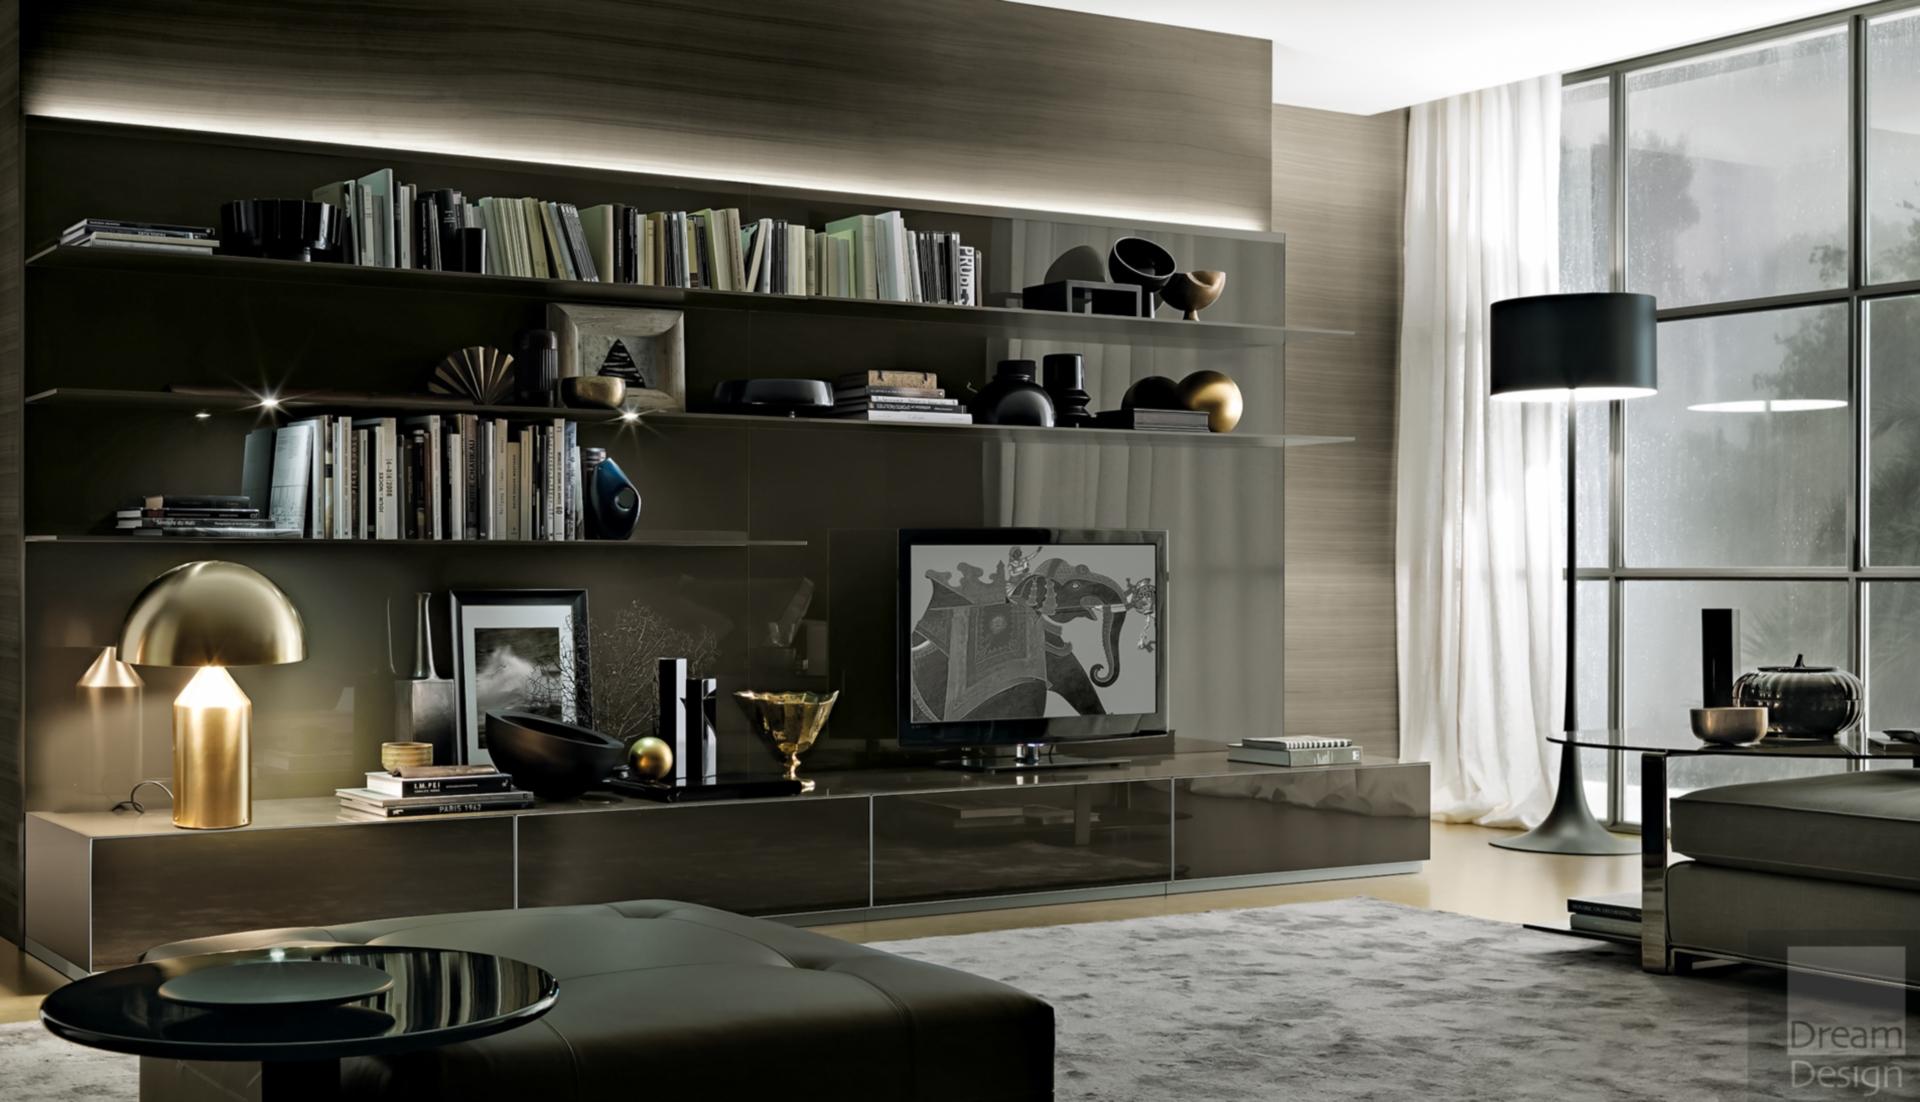 Rimadesio Abacus Cabinet System Dream Design Interiors Ltd